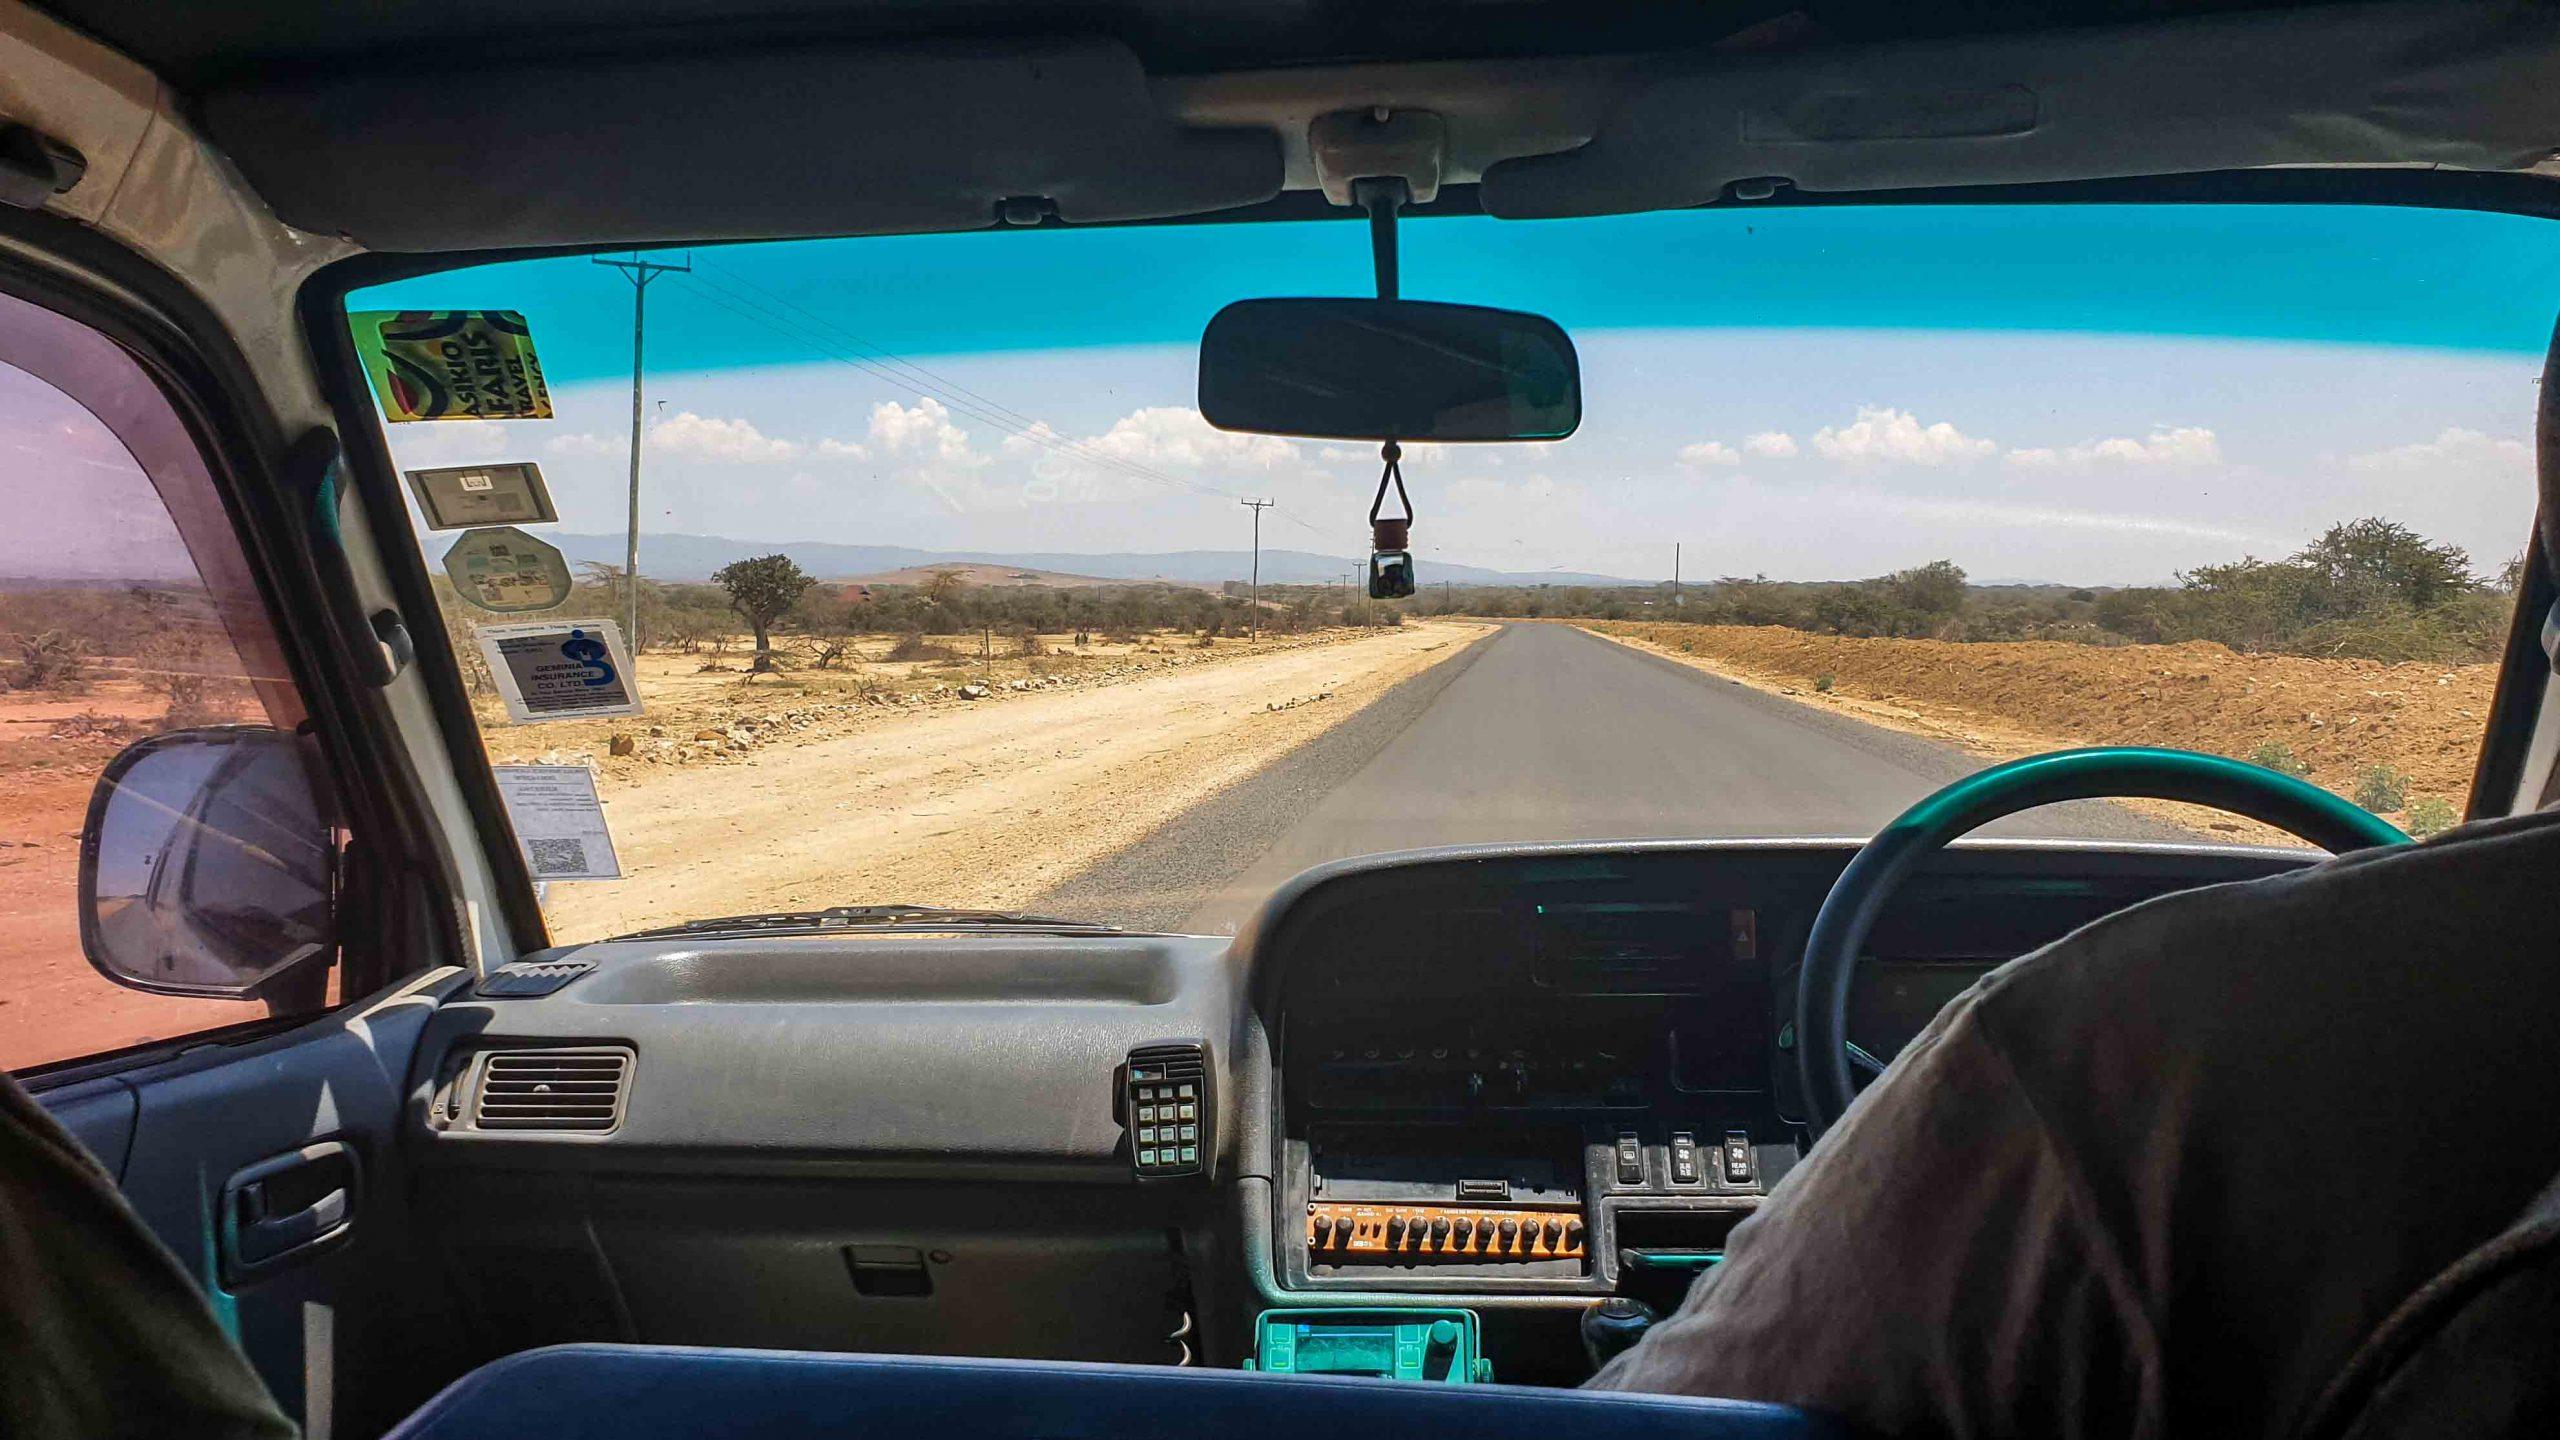 Carretera despoblada en Kenia